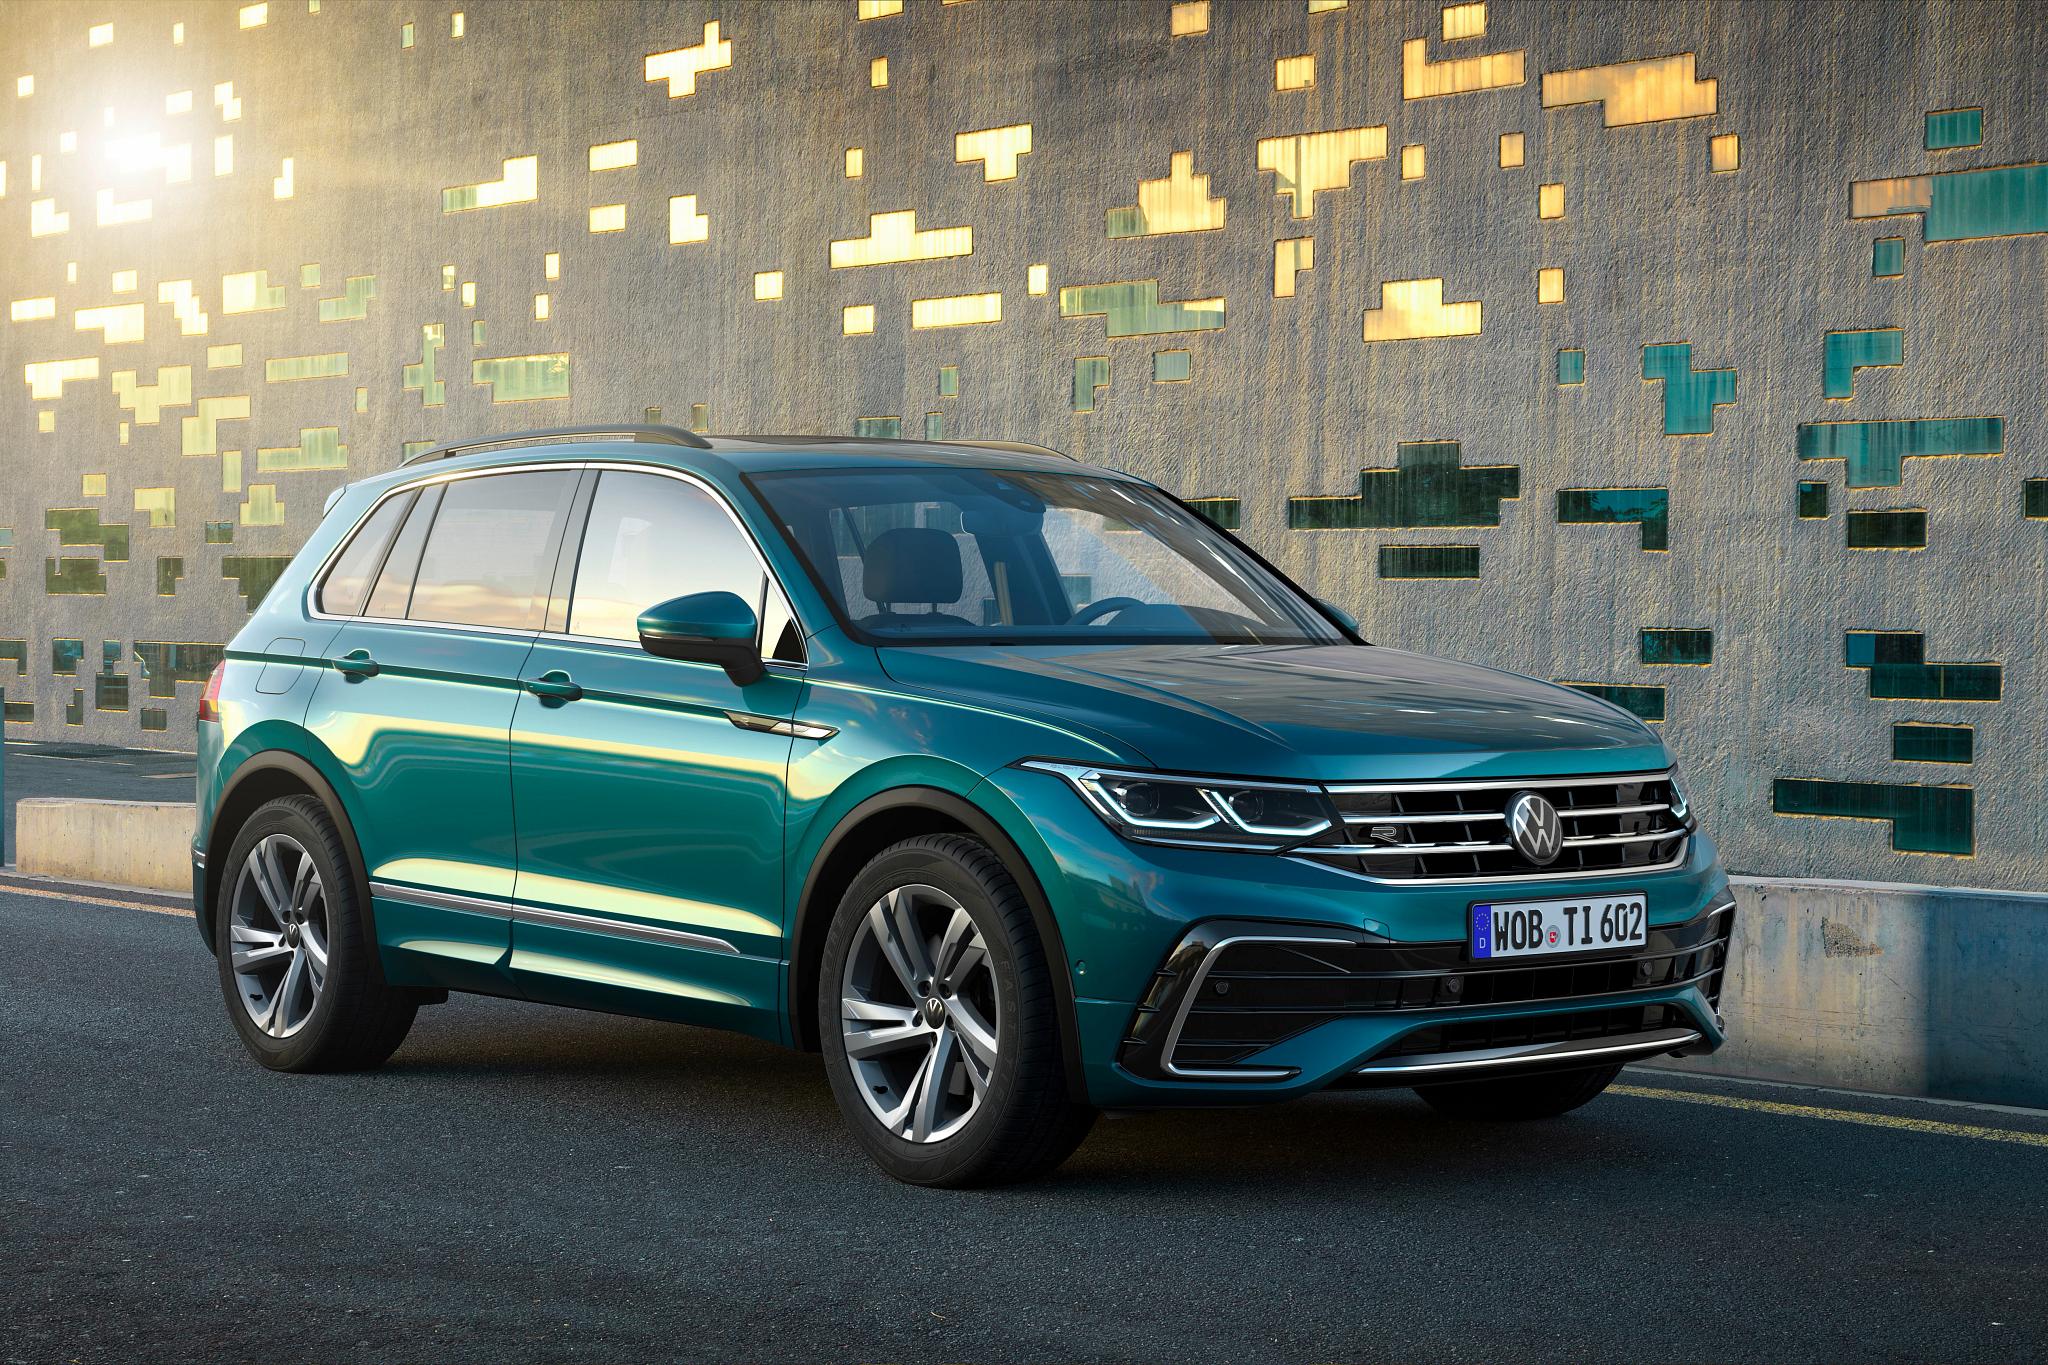 2022 Volkswagen Tiguan Refresh Updates Looks, Tech